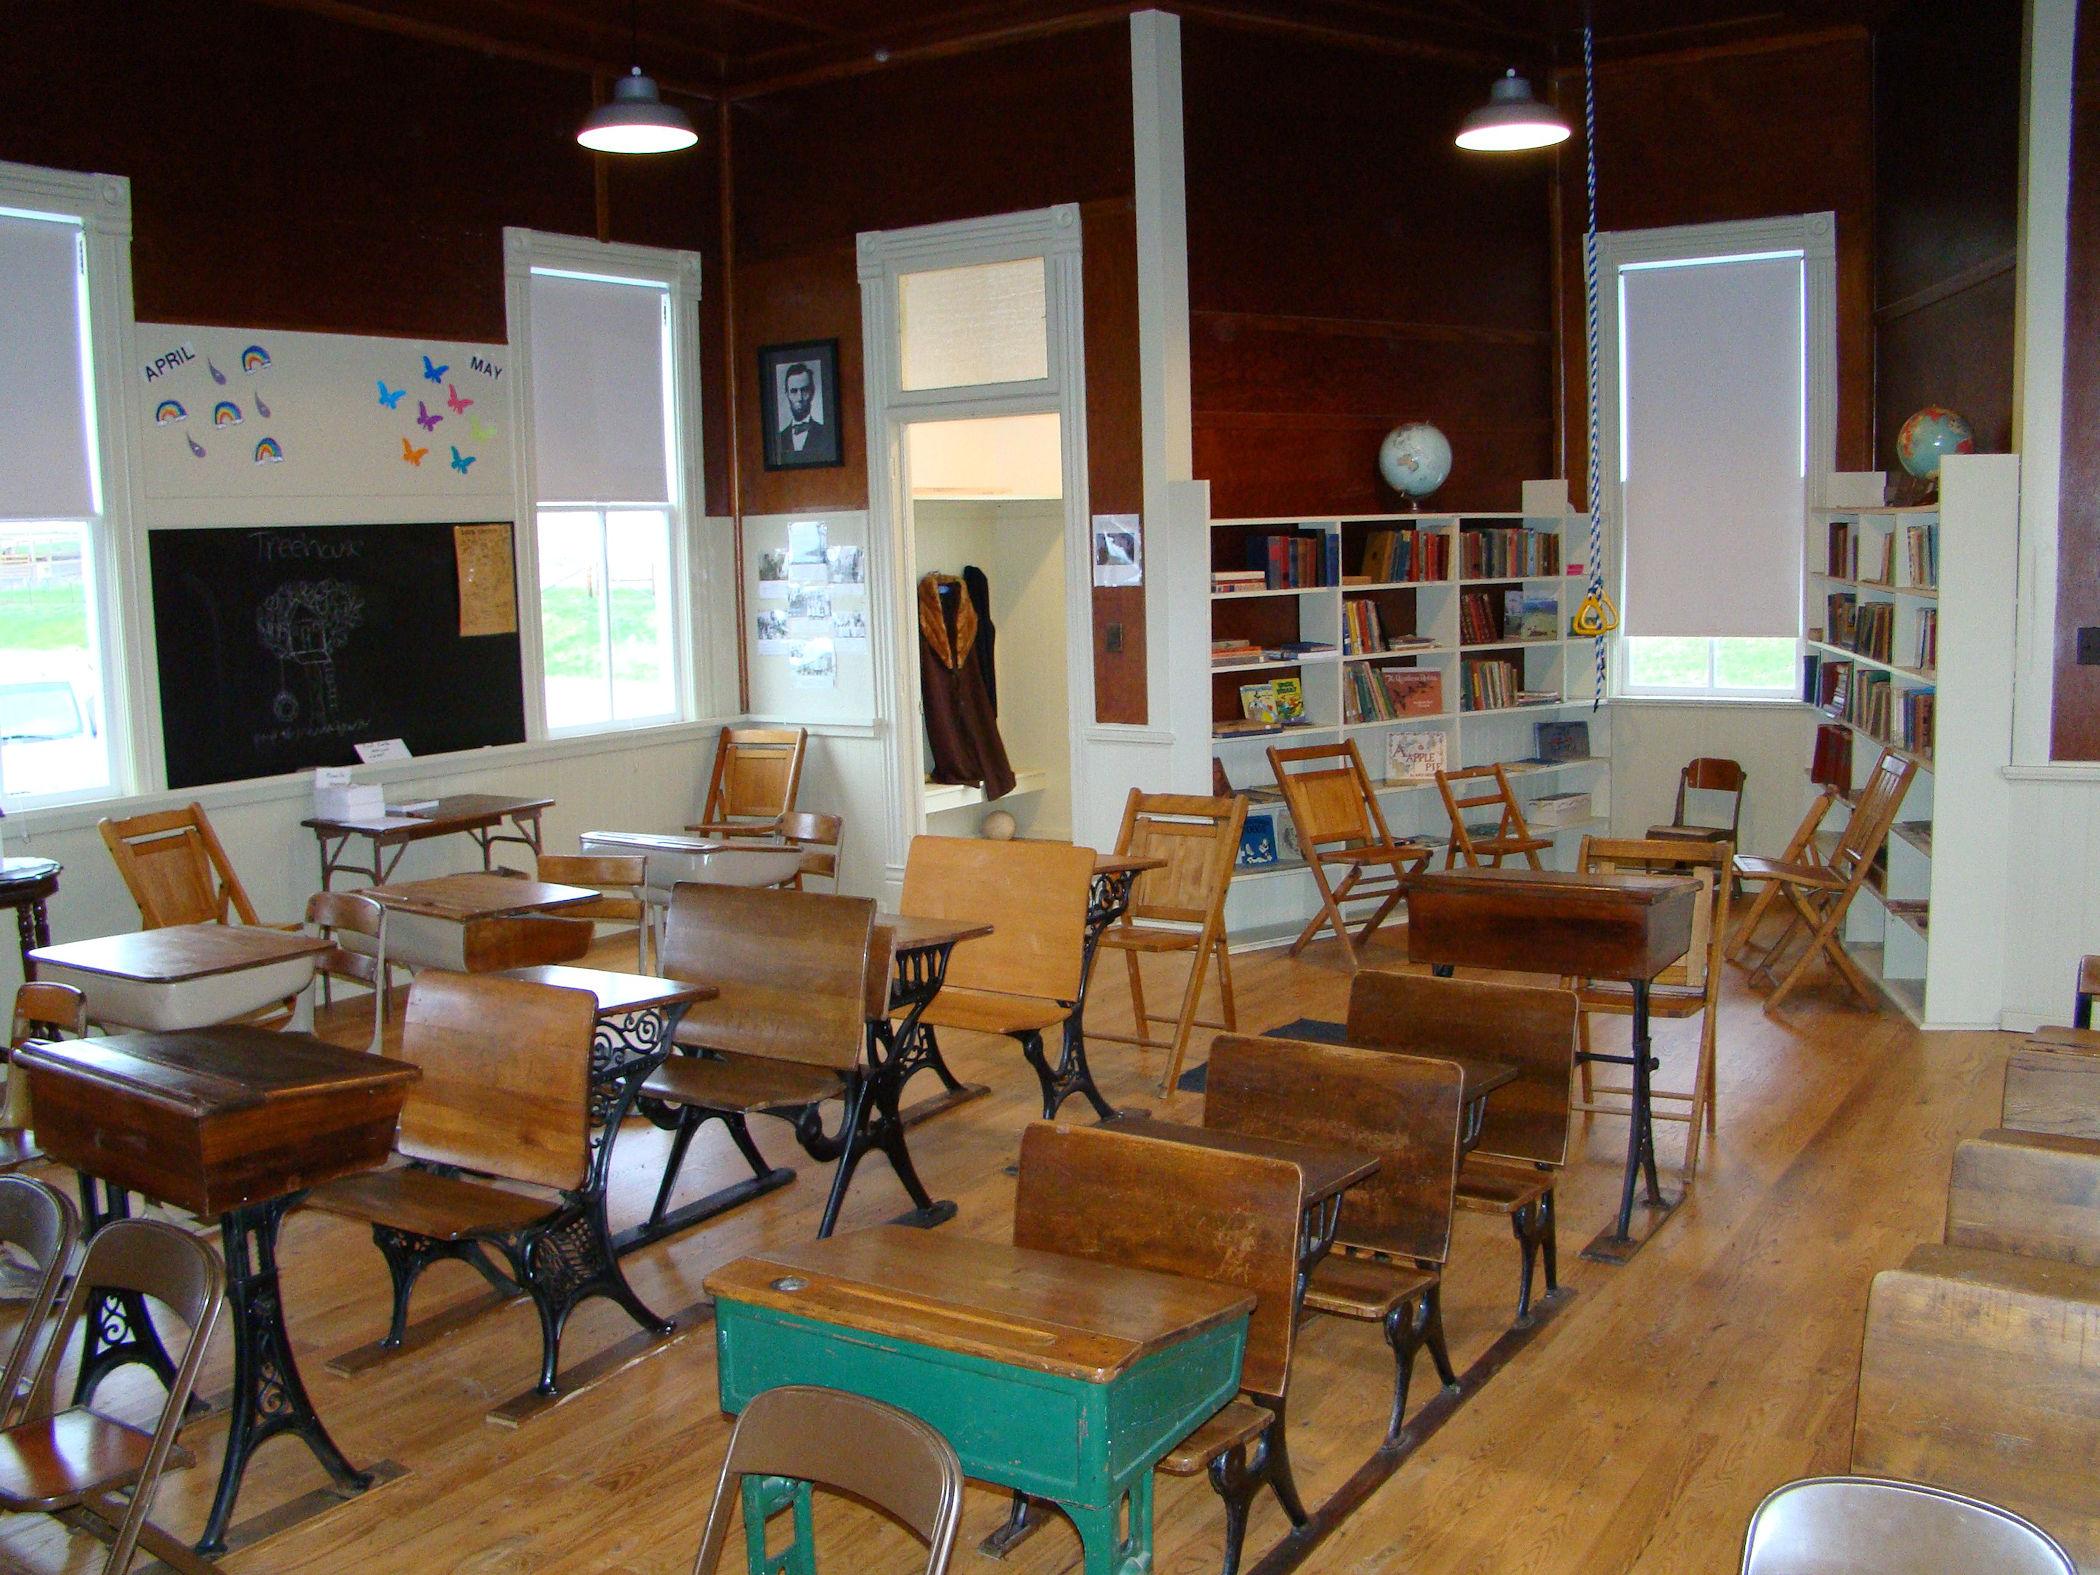 Interior 1, 4-27-11.jpg